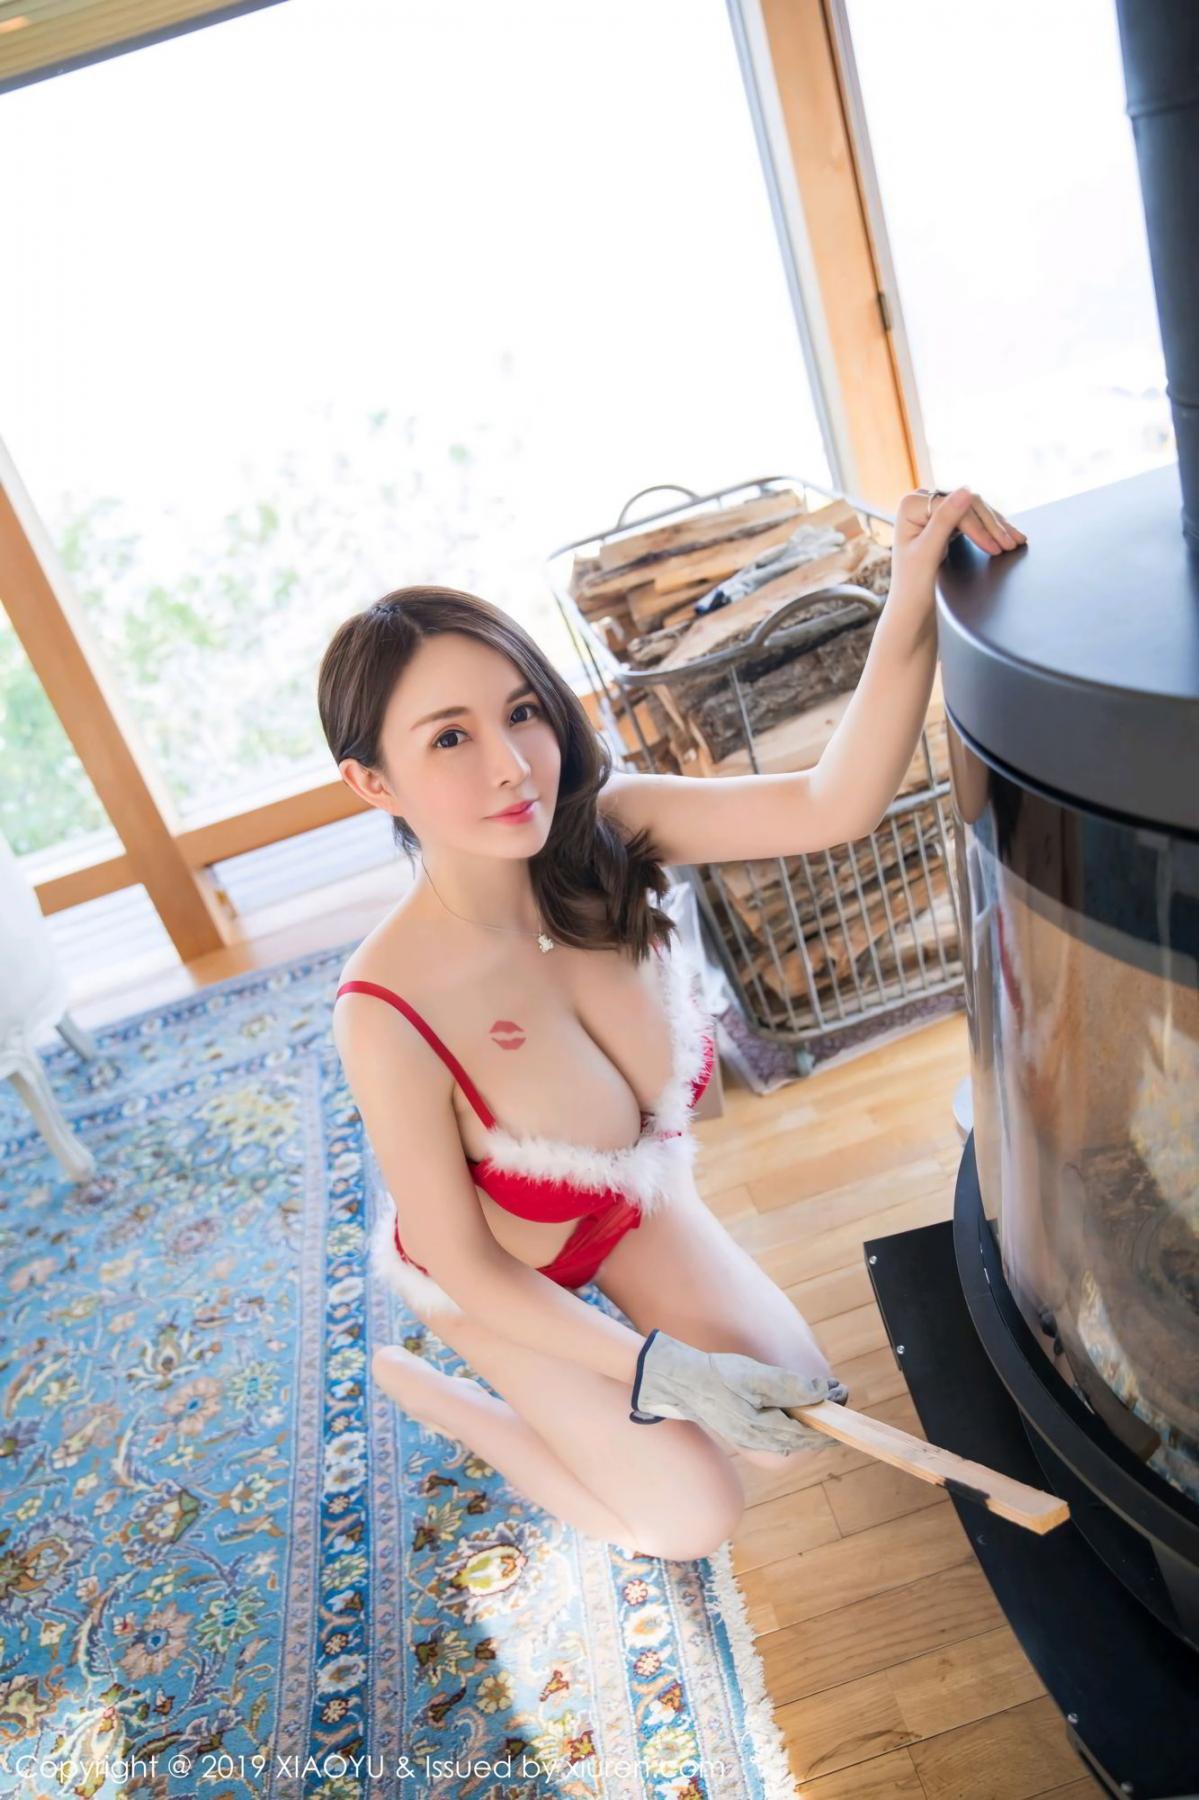 [XiaoYu] Vol.137 Shen Mi Tao 3P, Kimono, Shen Mi Tao, Underwear, XiaoYu